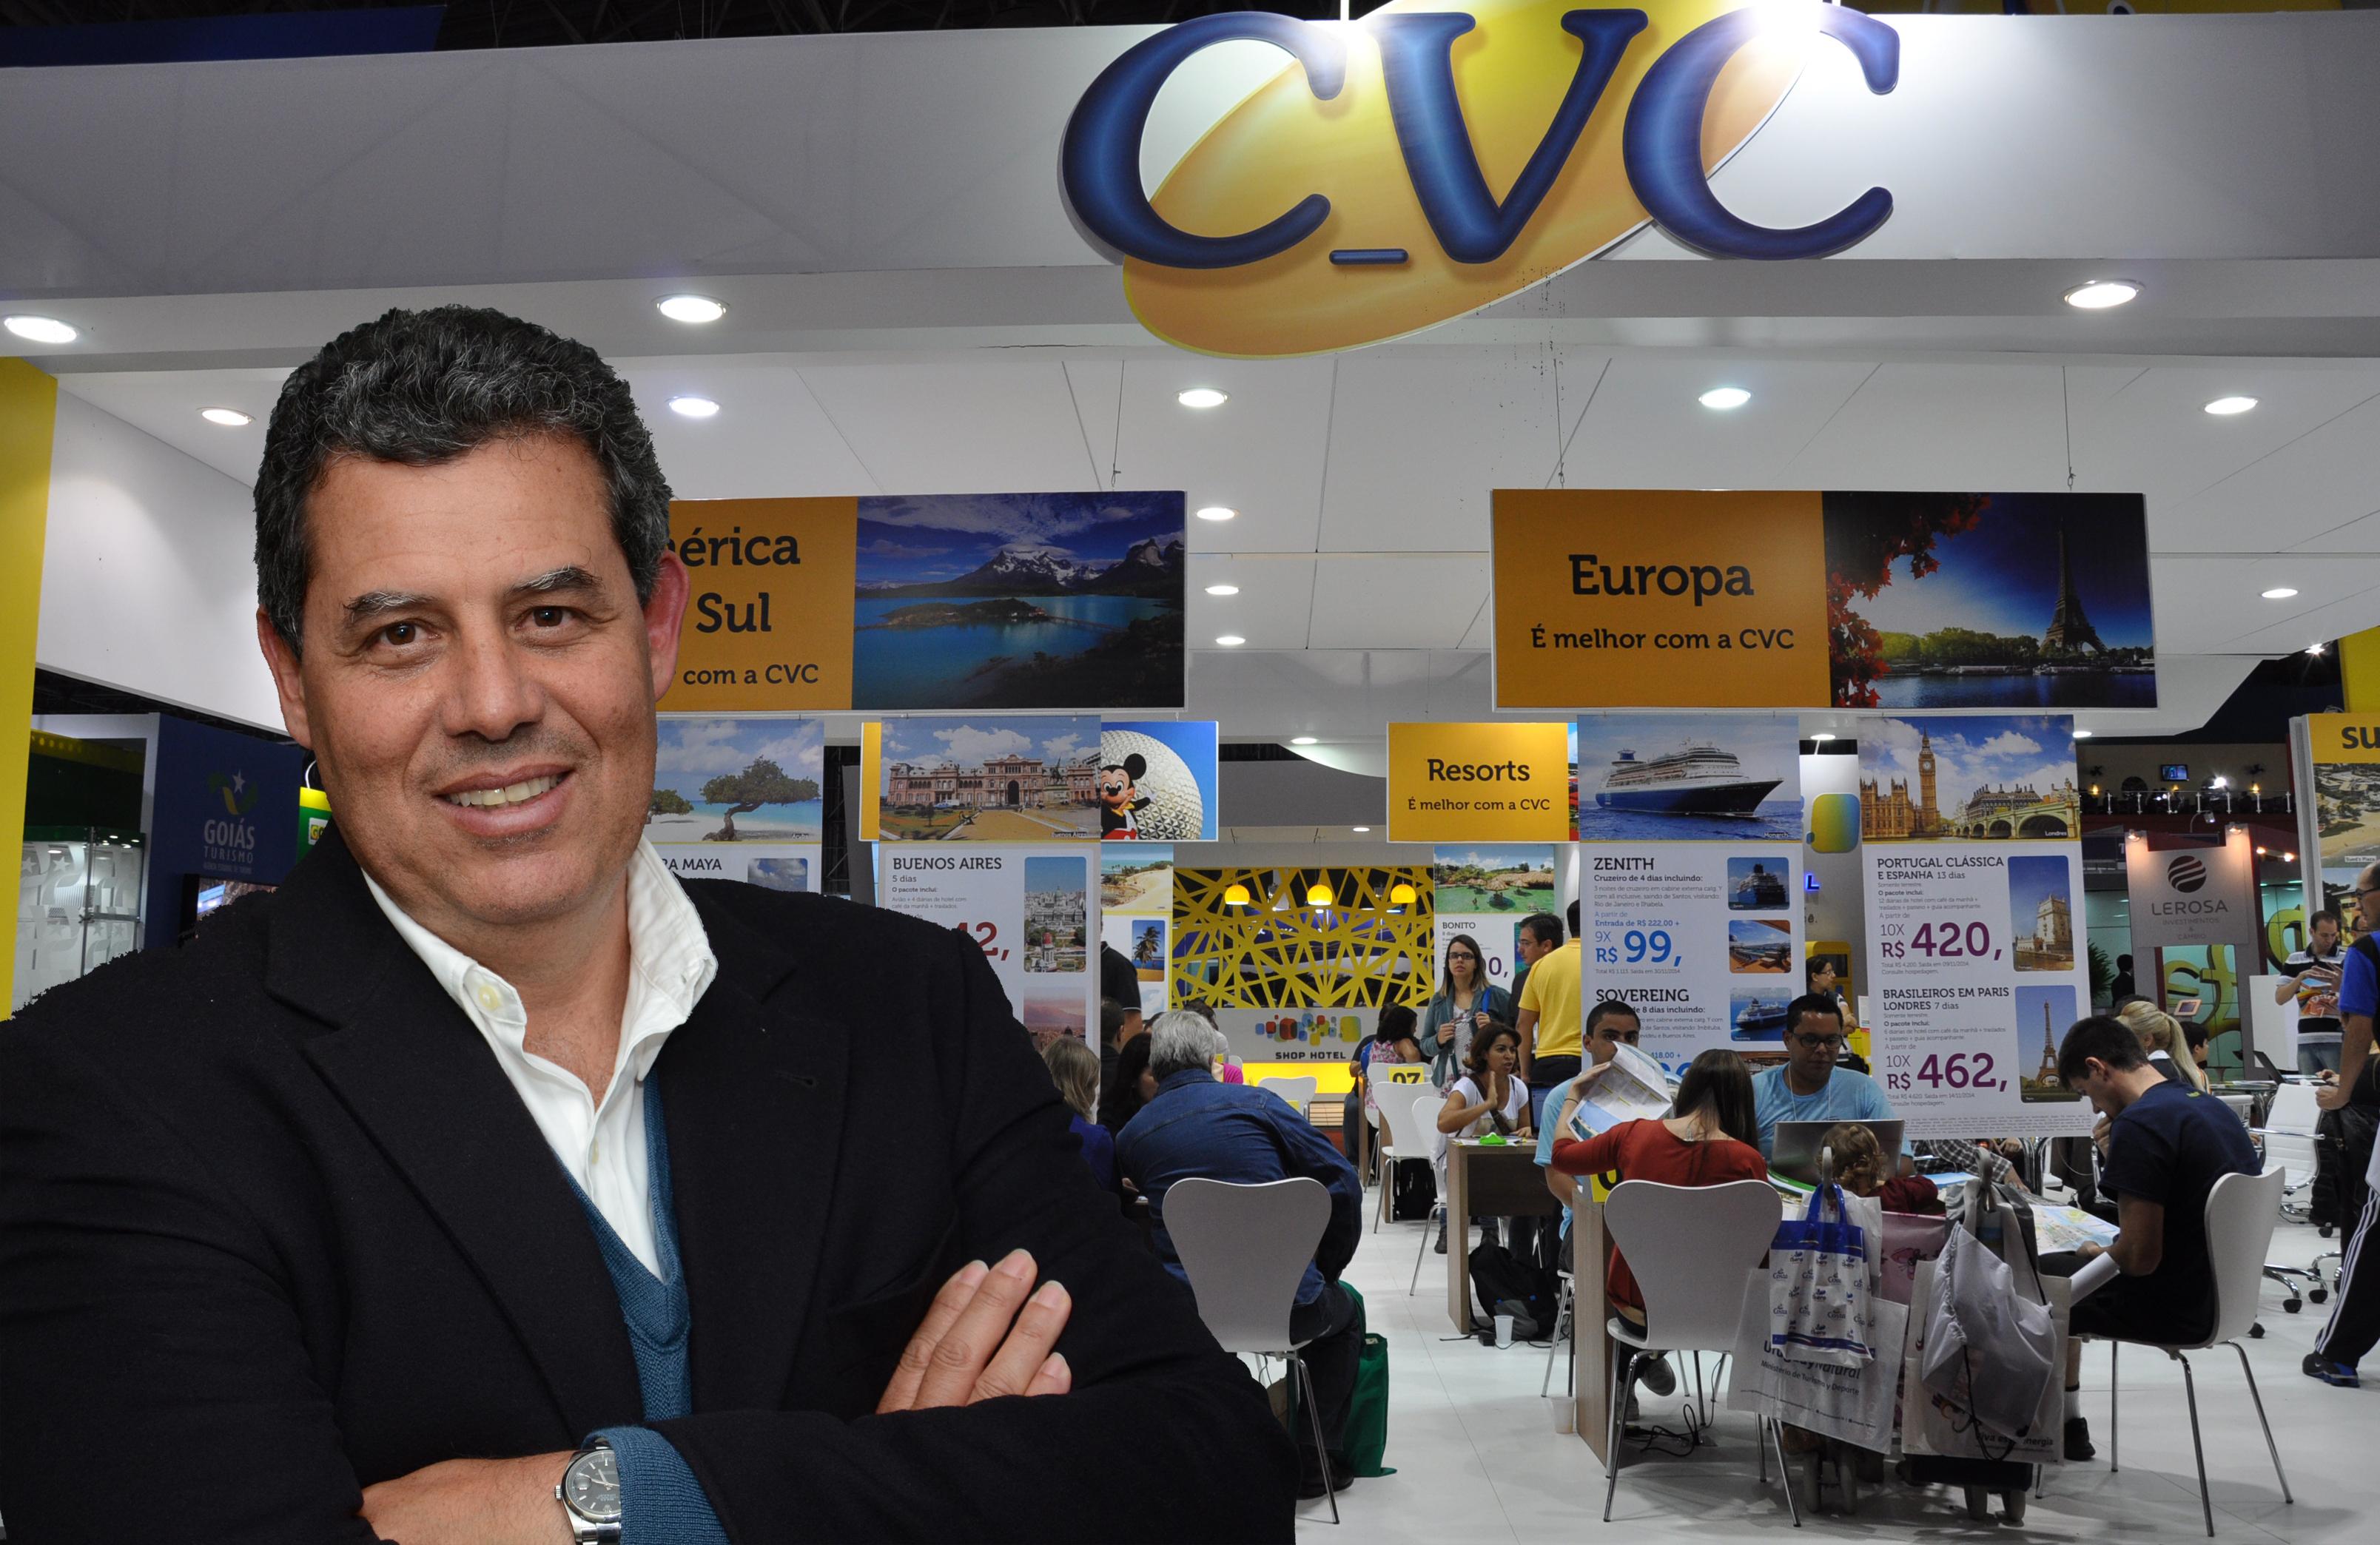 O presidente da CVC, Luiz Eduardo Falco durante feira de produtos turístico em São Paulo (2014)